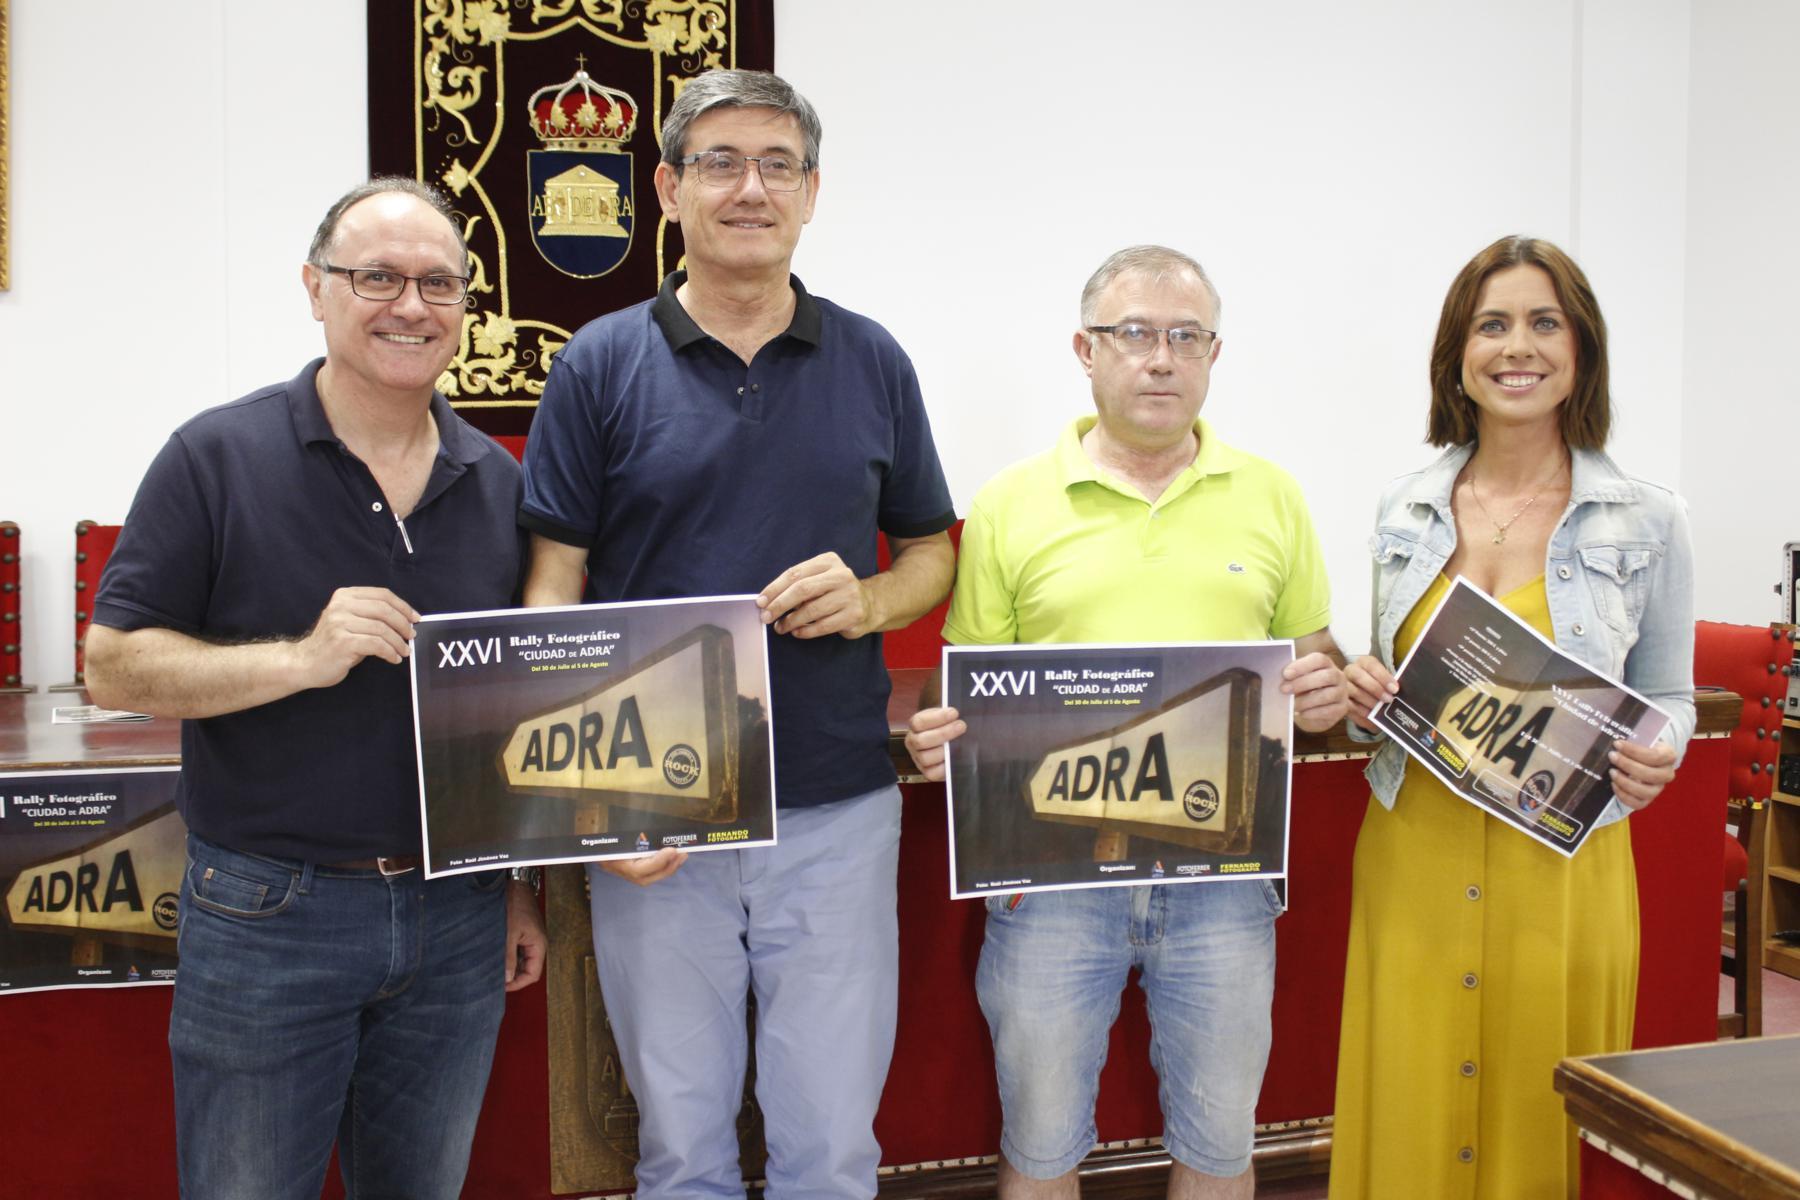 Empieza la cuenta atrás para el XXVI Rally Fotográfico 'Ciudad de Adra'